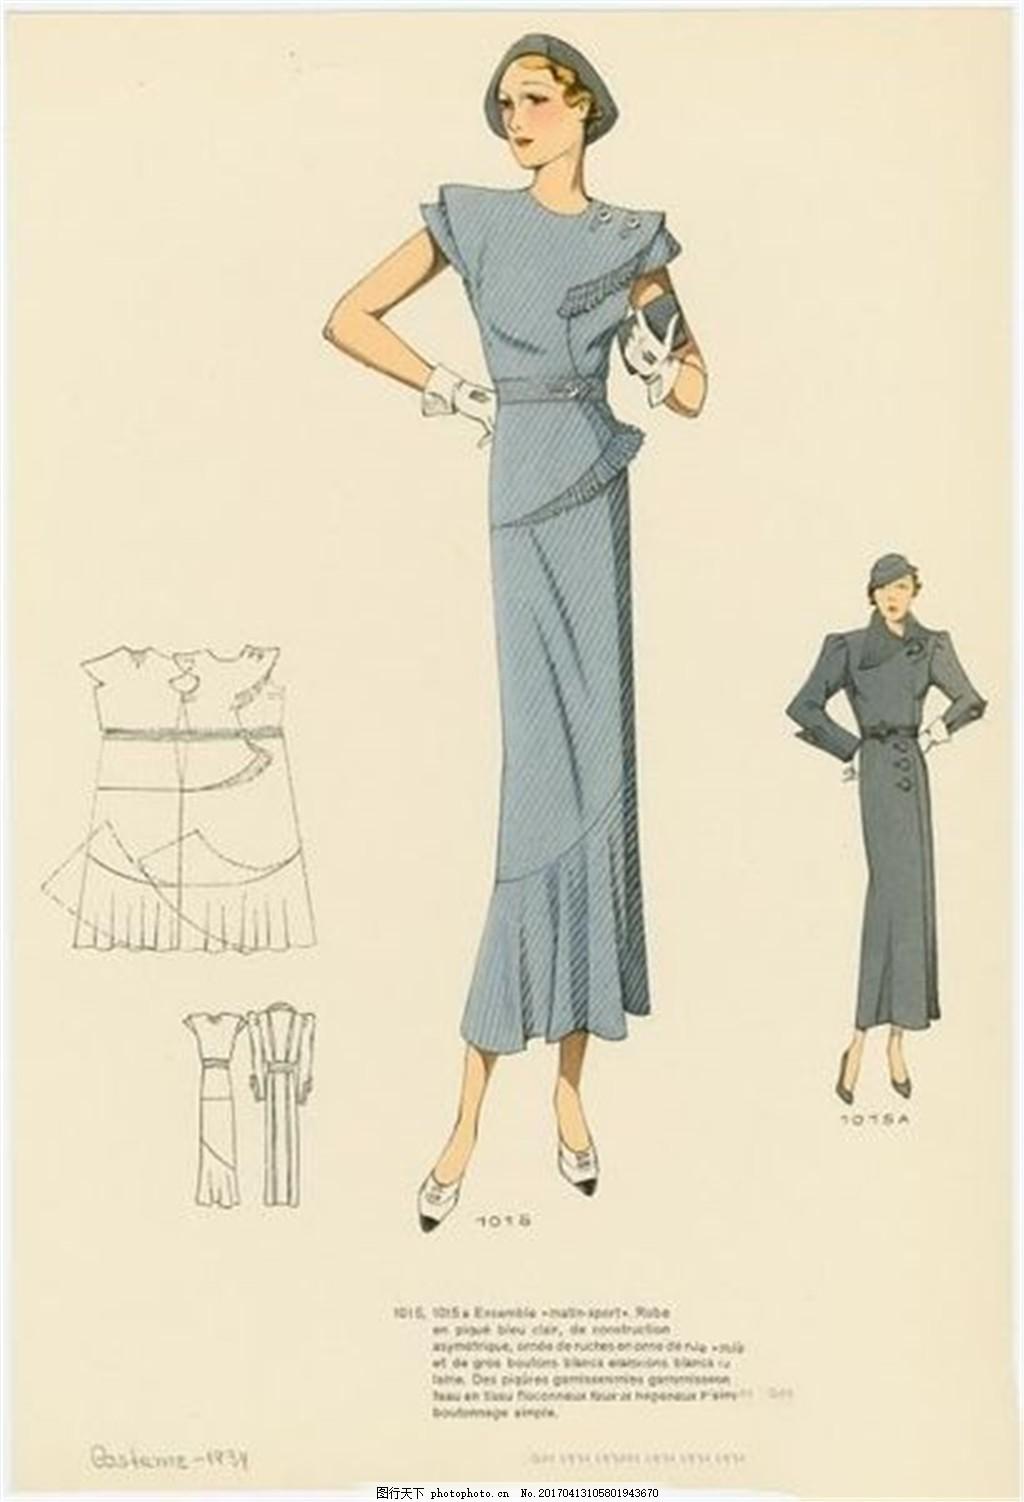 欧式长裙设计图 时尚女装 职业女装 女装设计效果图 服装图片免费下载